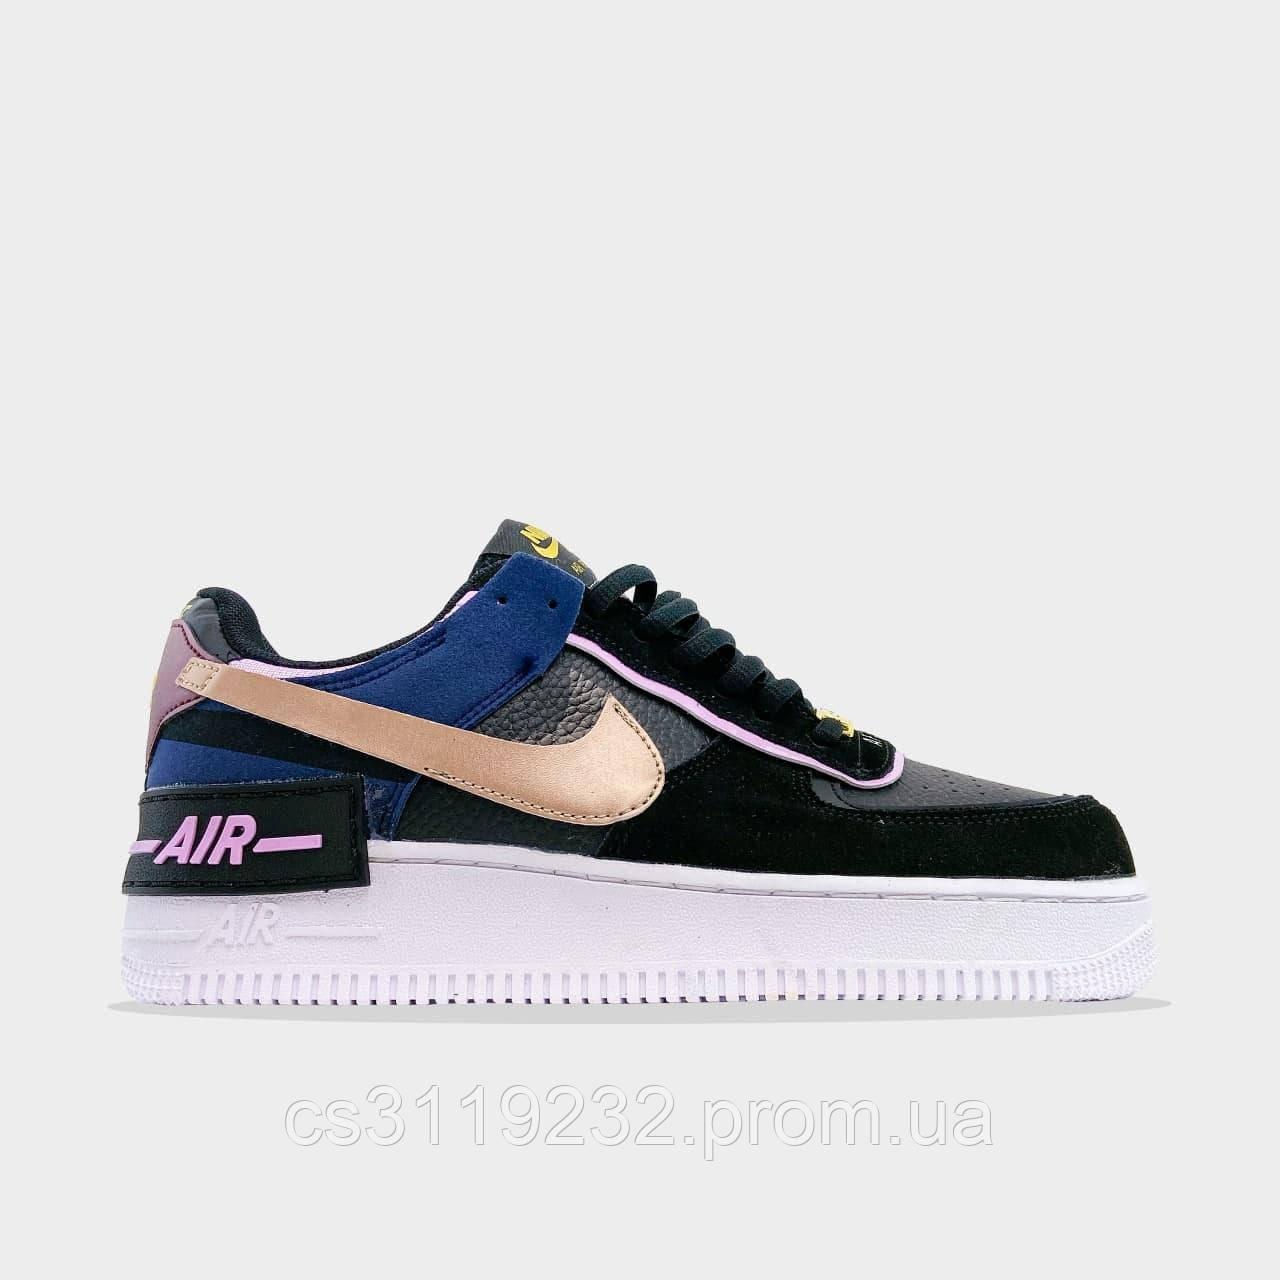 Женские кроссовки Nike Air Force 1 Shadow Black Gold (черный/золото)